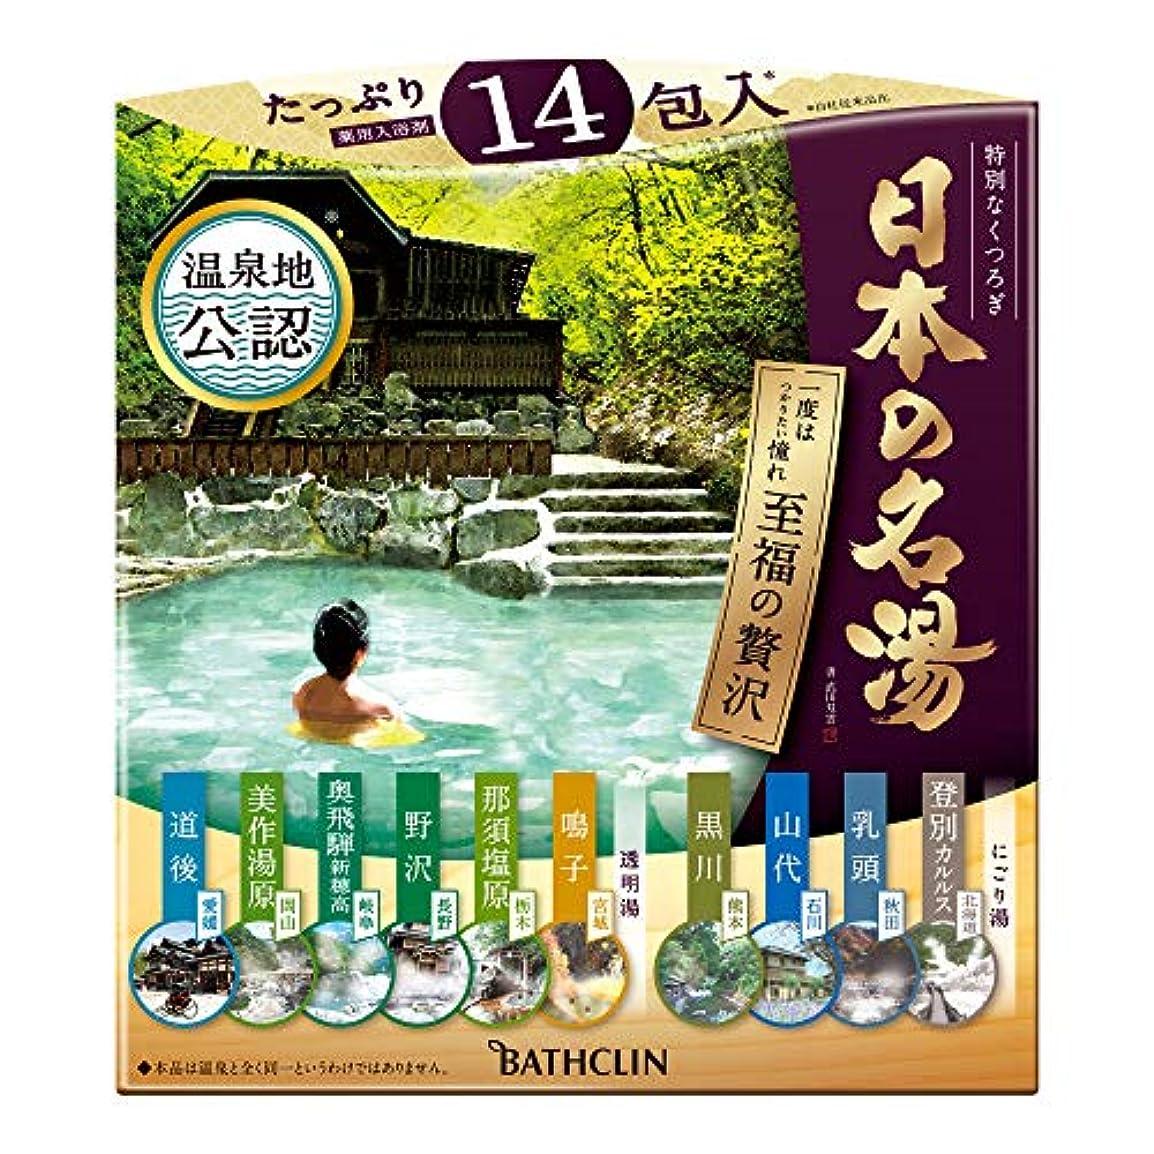 離れて助手カトリック教徒日本の名湯 至福の贅沢 入浴剤 色と香りで情緒を表現した温泉タイプ入浴剤 セット 30g×14包